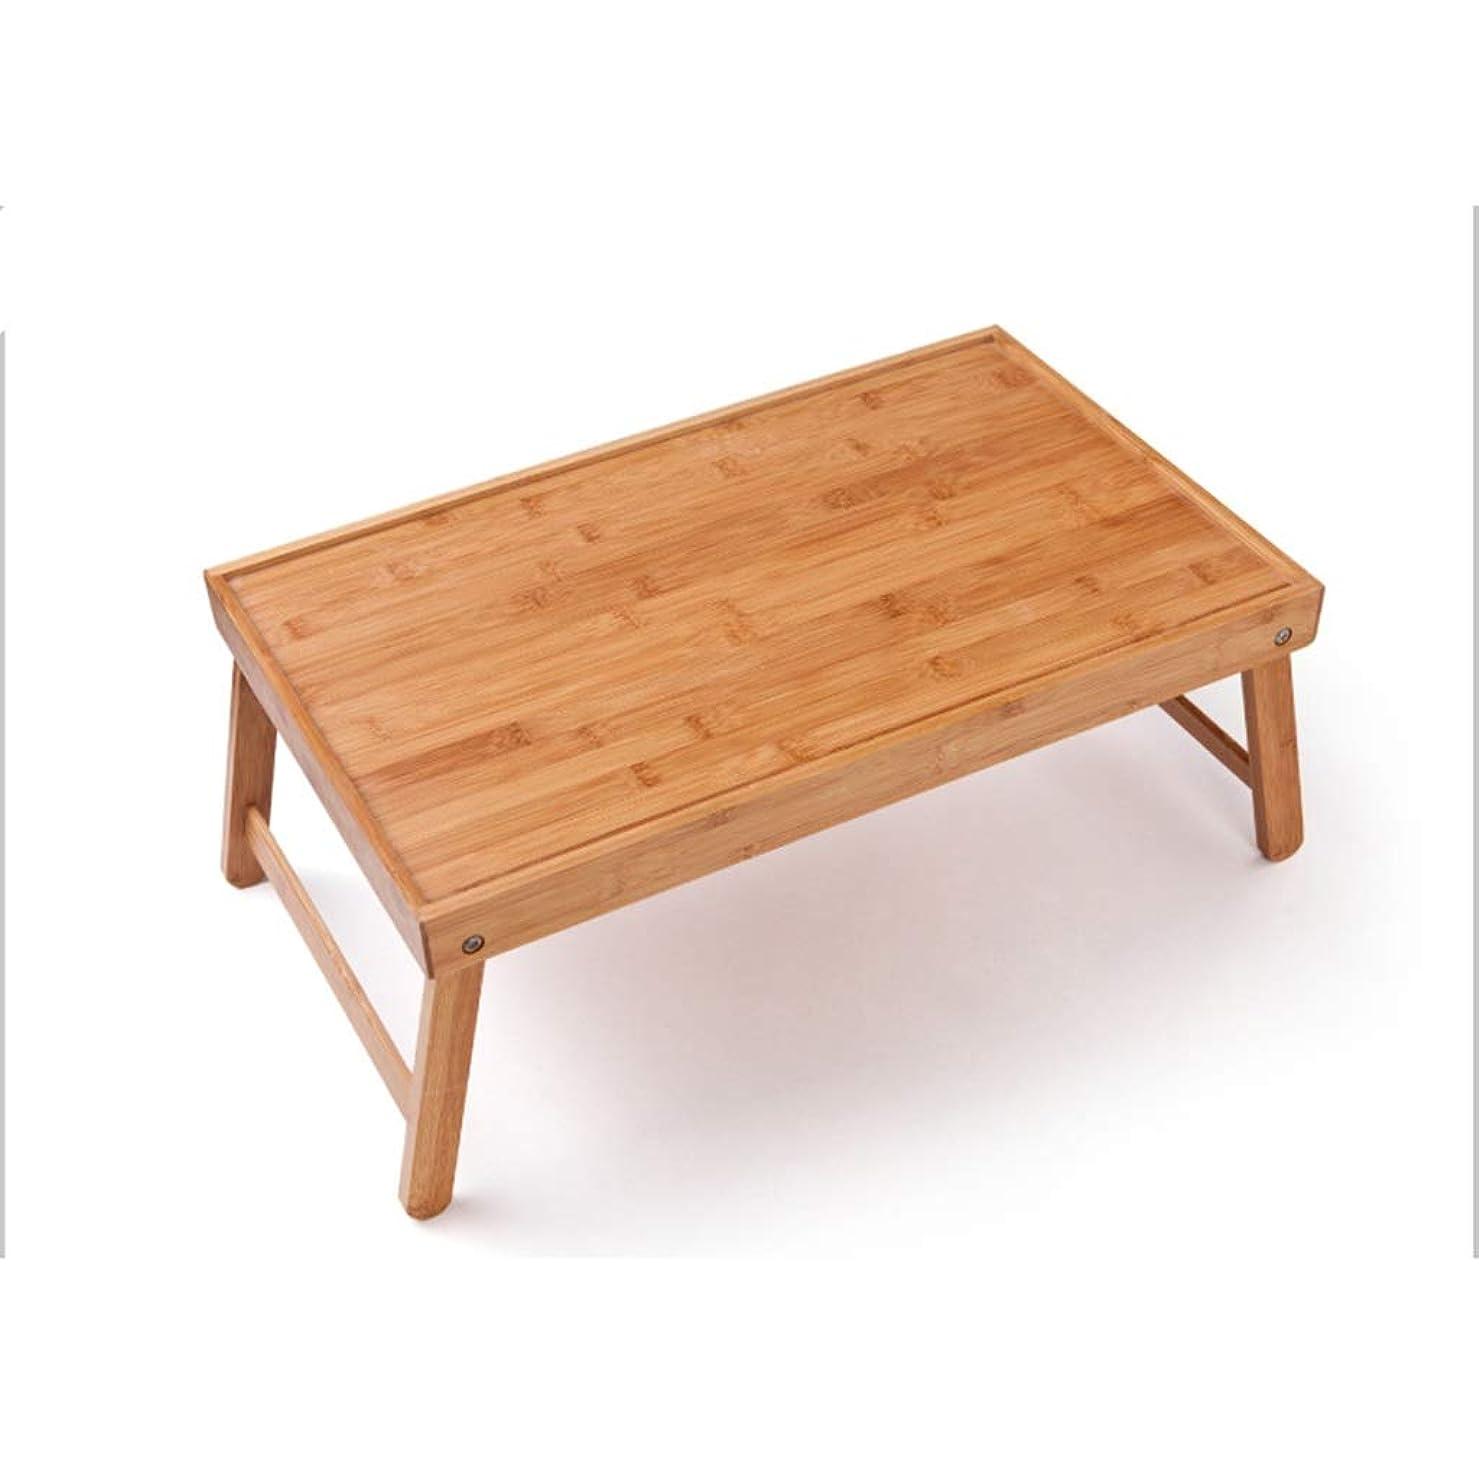 スクラップブック話穏やかな庭の小さなダイニングテーブル、就学前のギフト多機能デッサンデスク - 寝室読むラップトップテーブル - 怠惰な家具 (Size : 52.5*32.7*21CM)